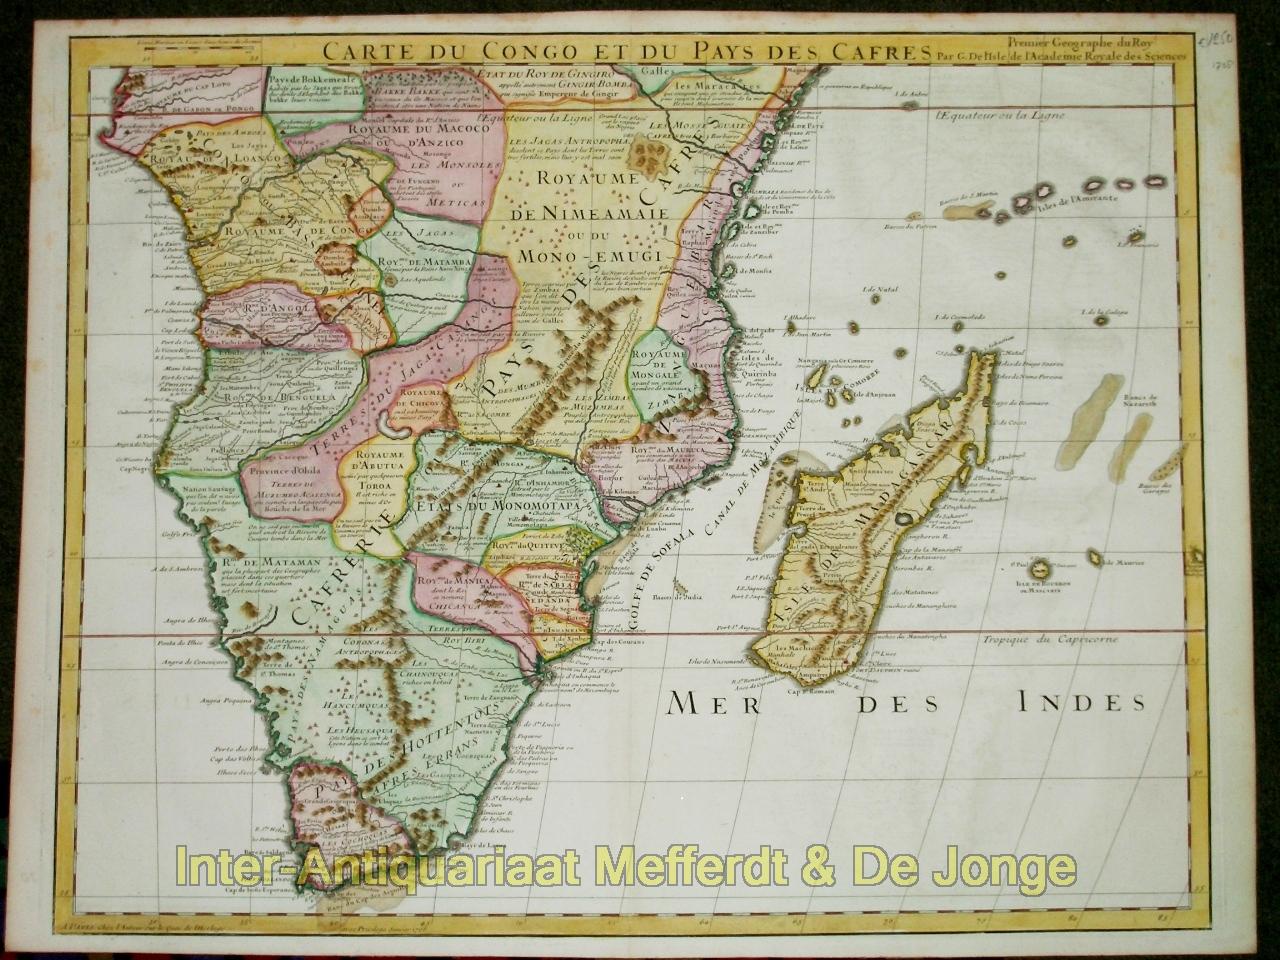 ISLE,  GUILLAUME DE L' - Zuidelijk Afrika - Carte du Congo et du Pays des Cafres